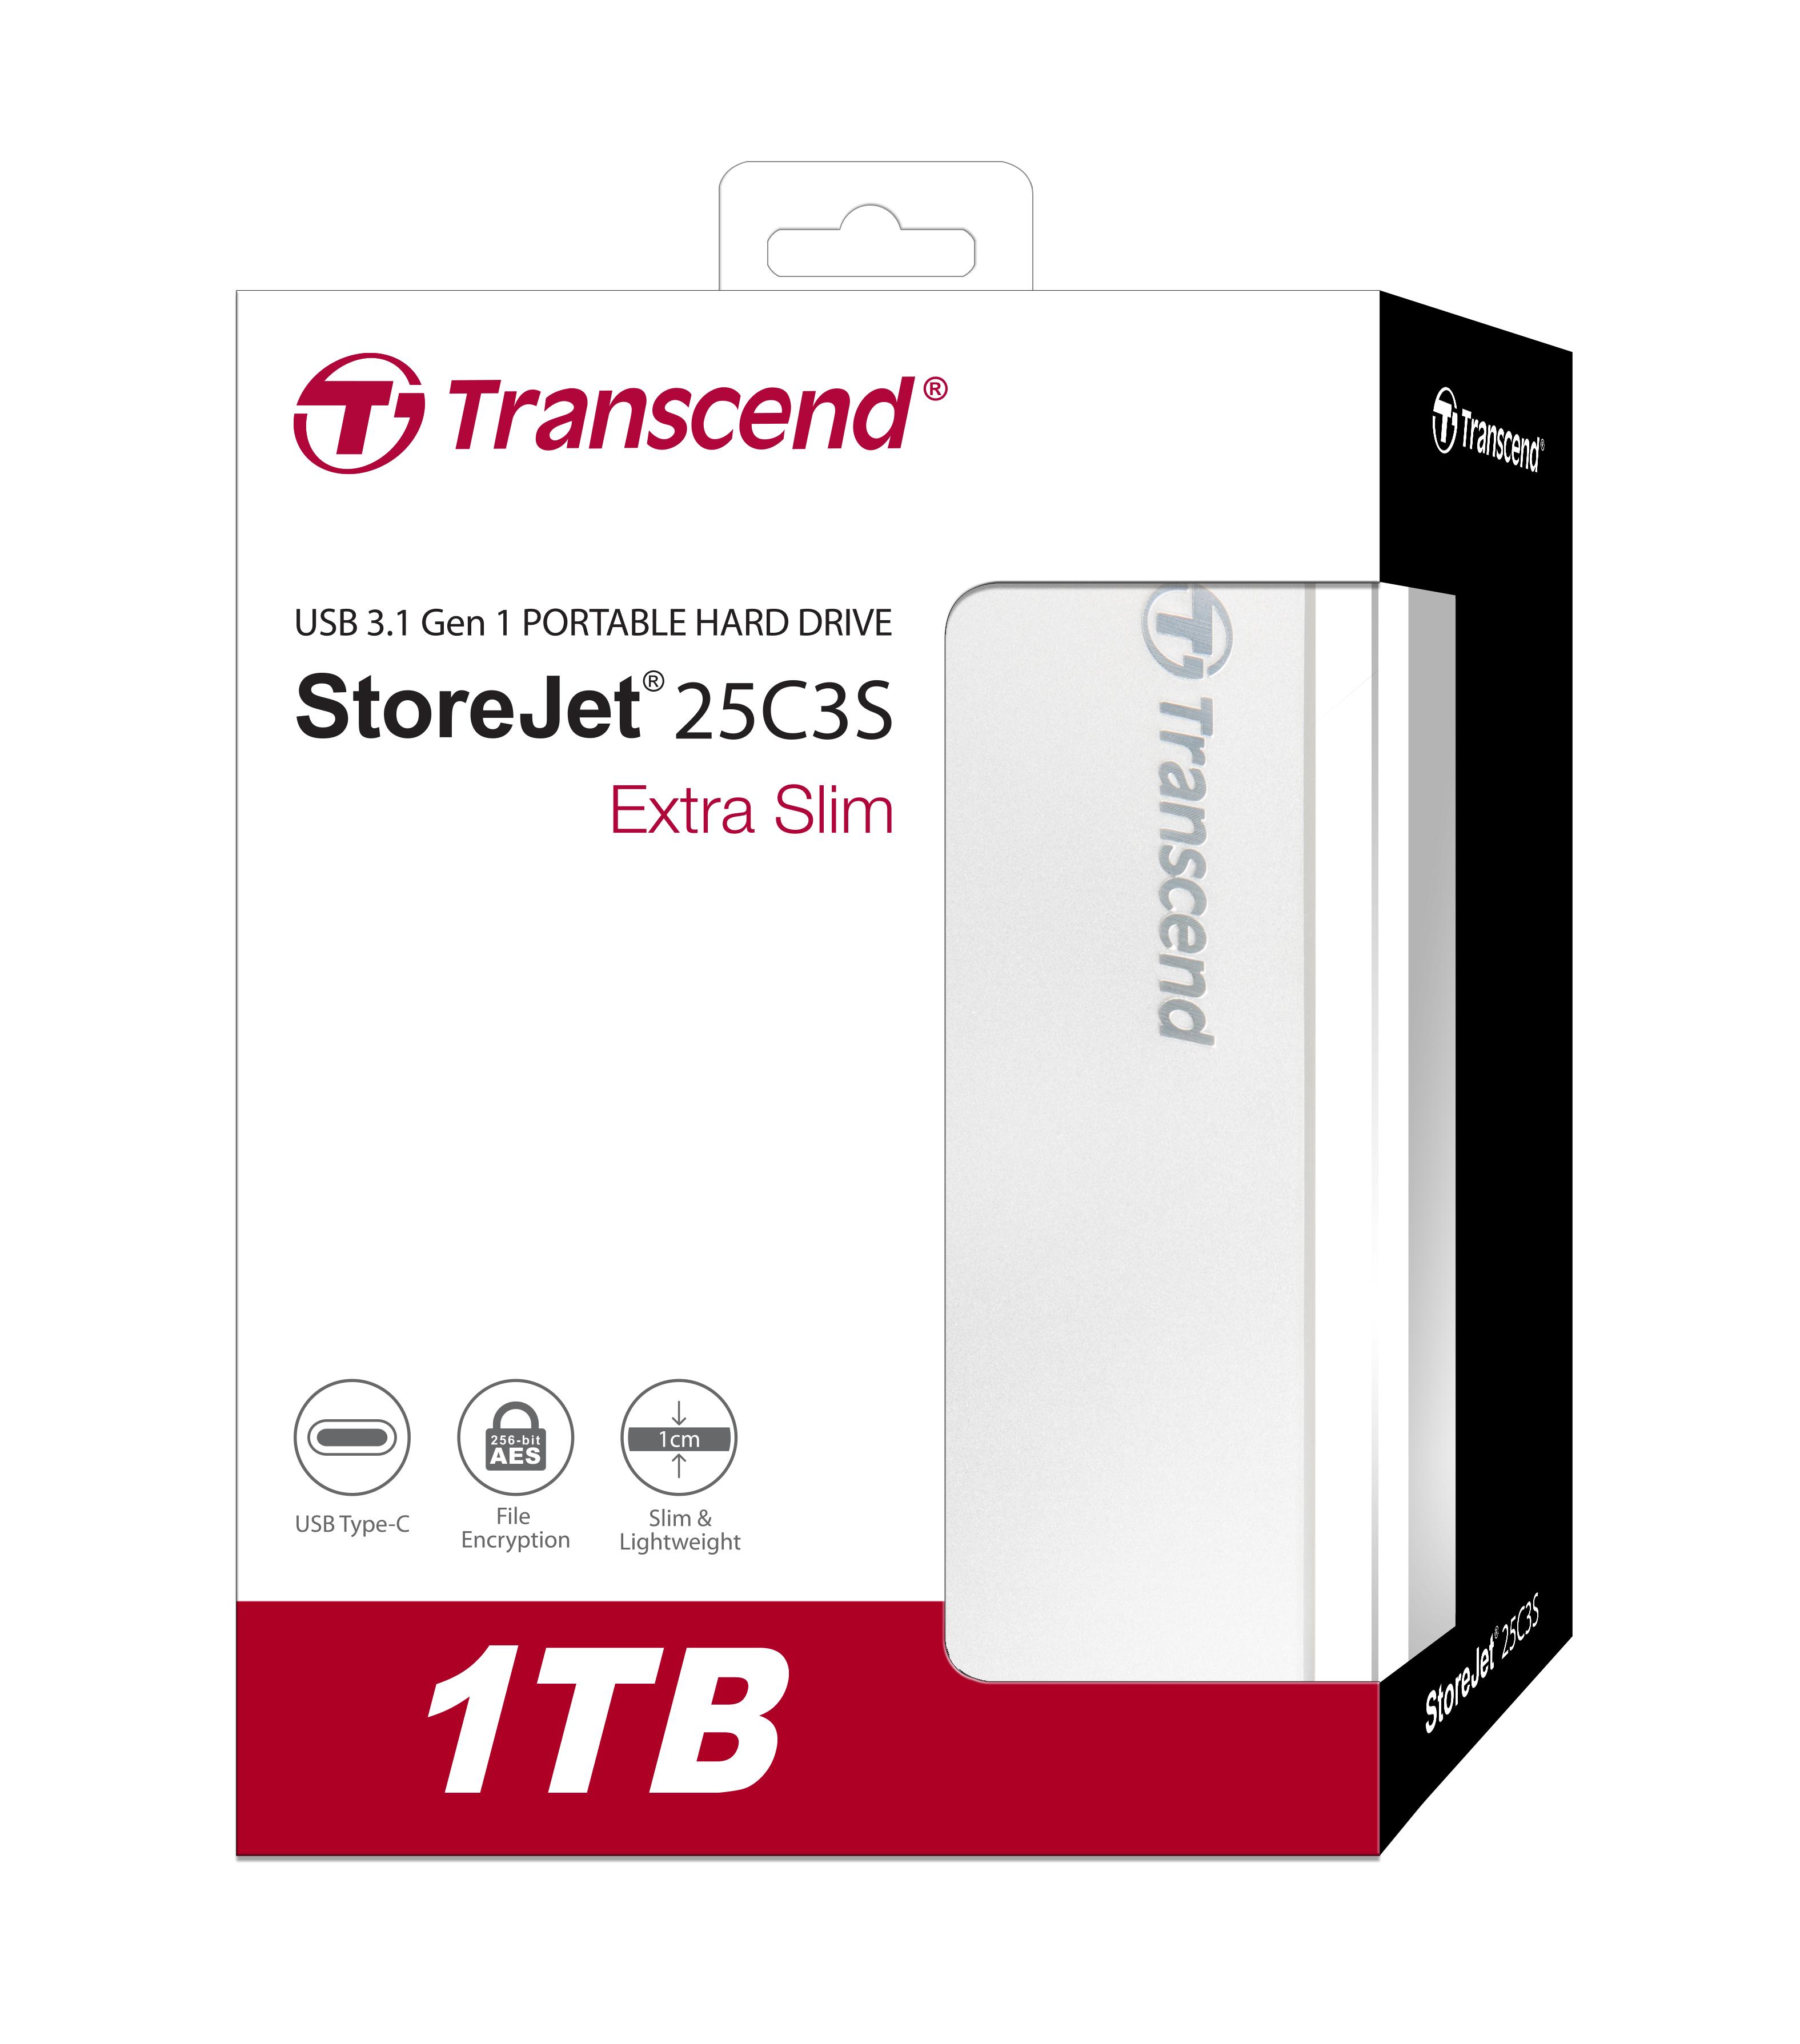 Ổ Cứng Di Động Transcend 1TB StoreJet 25C3S Extra Slim USB 3.1 - Hàng Chính Hãng